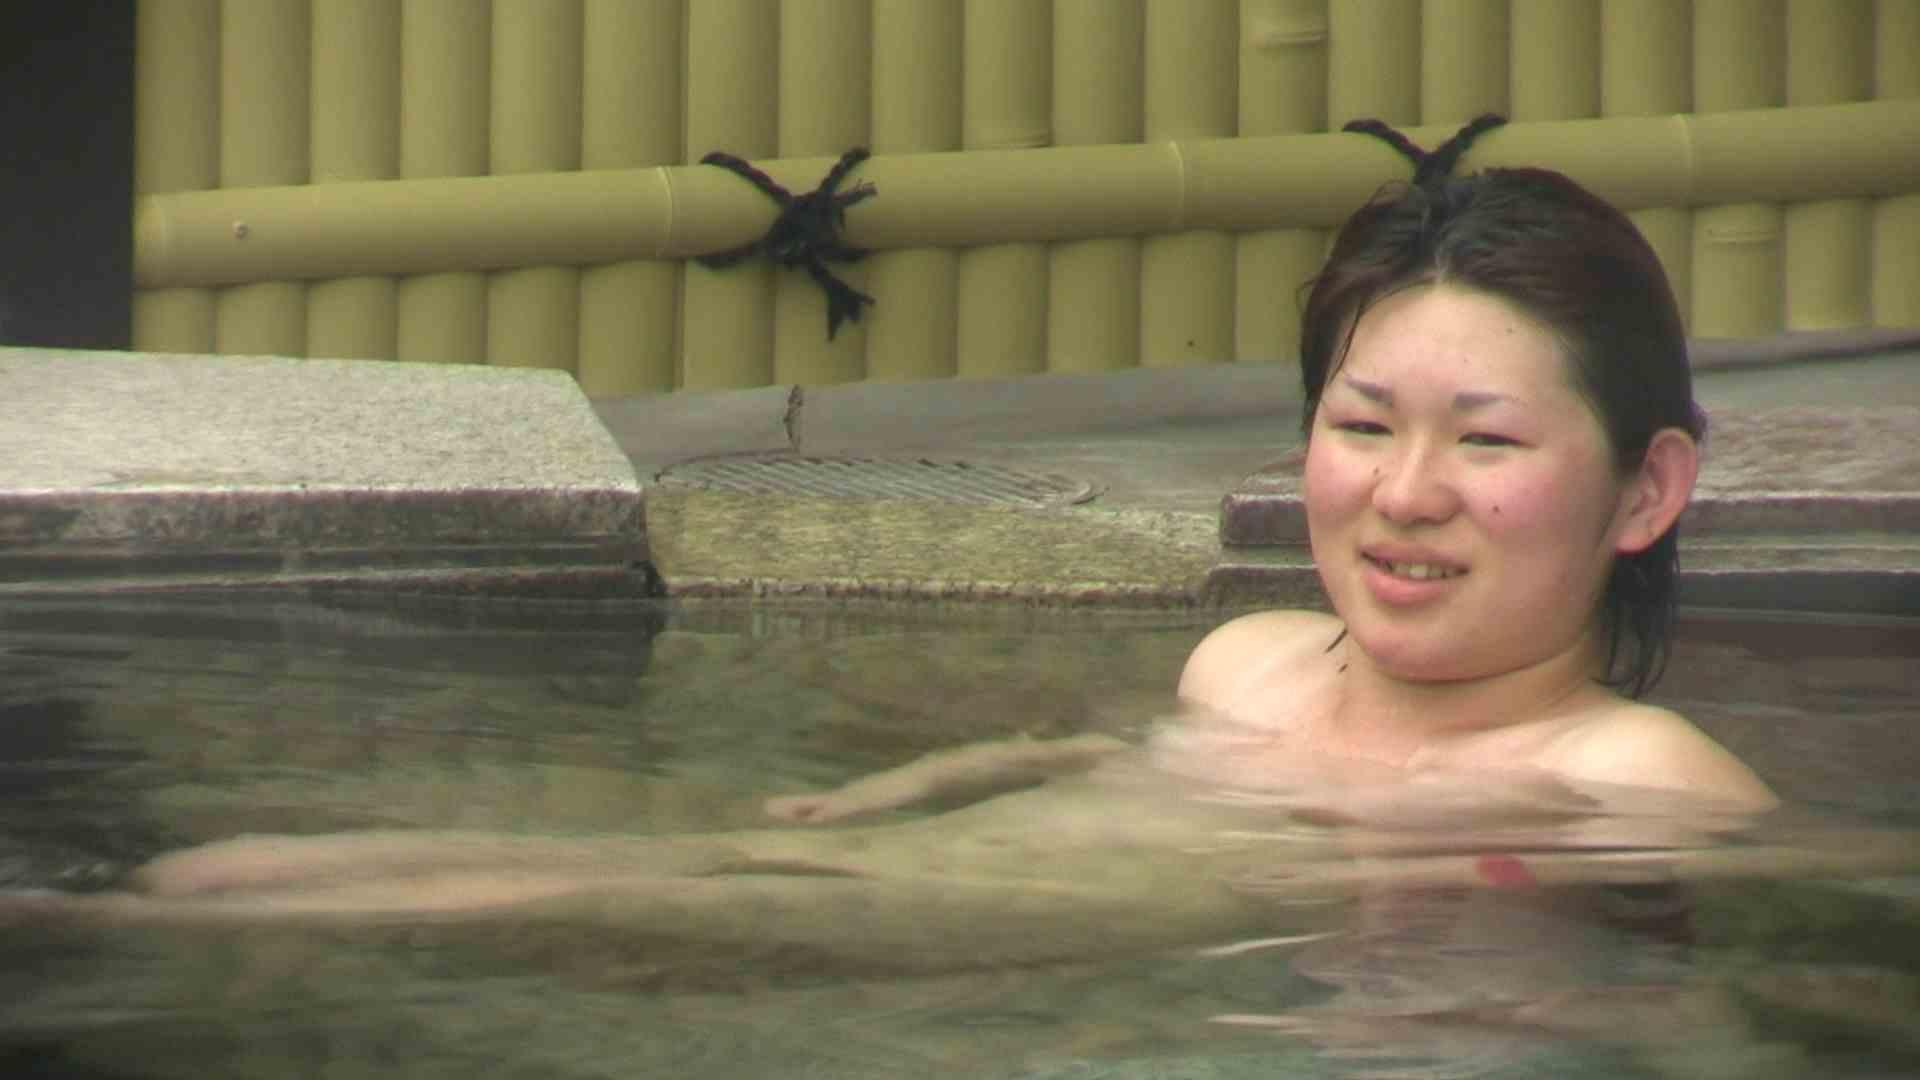 Aquaな露天風呂Vol.673 0   0  91pic 81